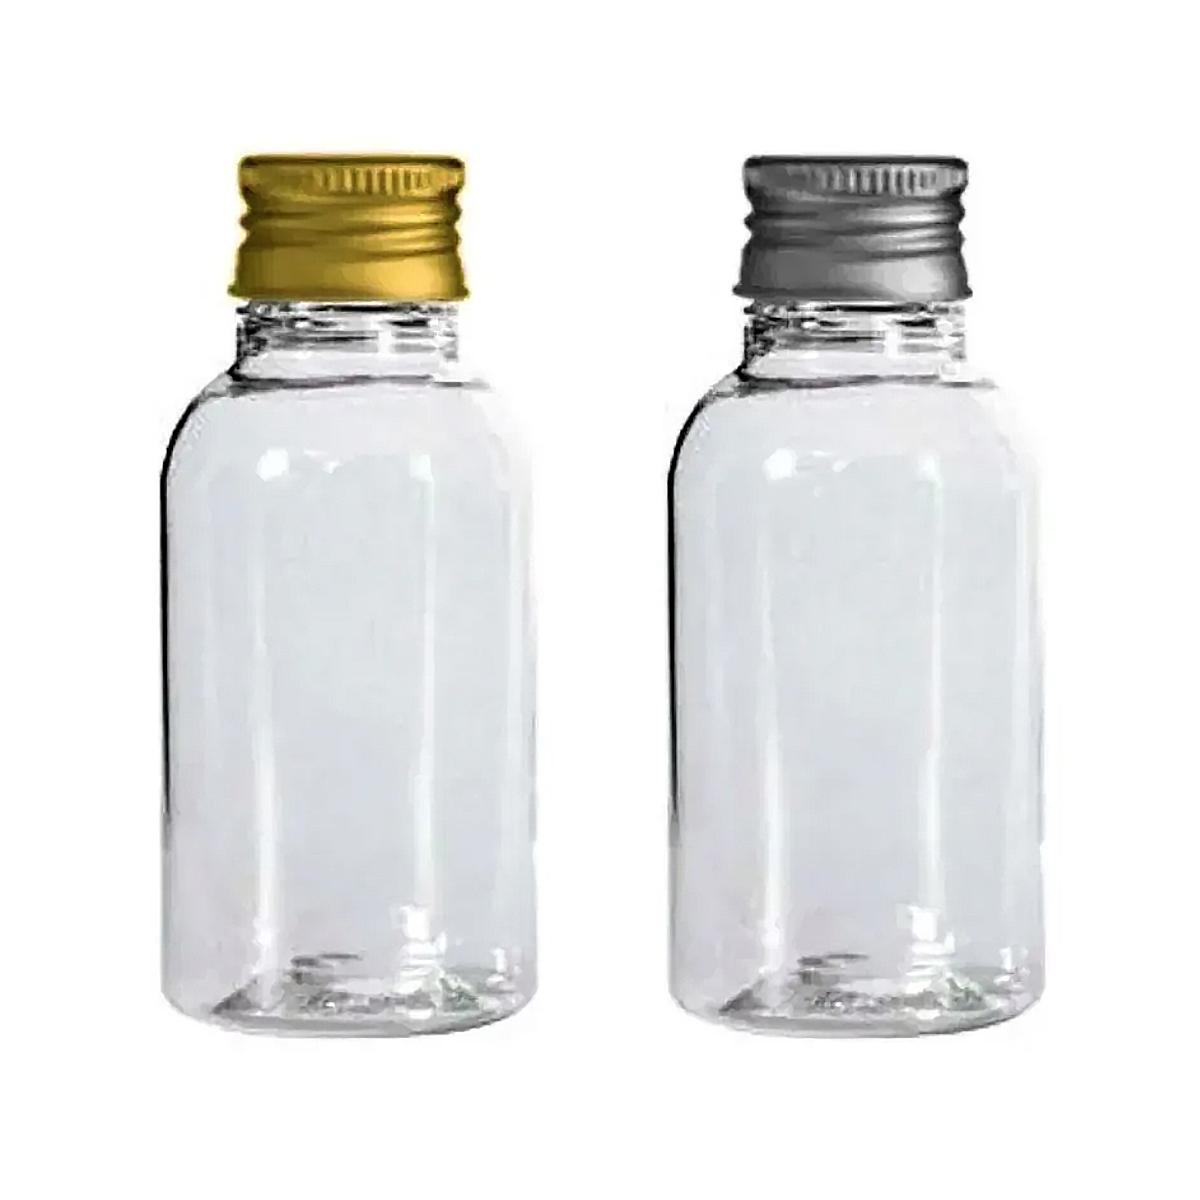 Frasco plástico 30 ml para água benta e lembrancinhas tampa metal 200 unid